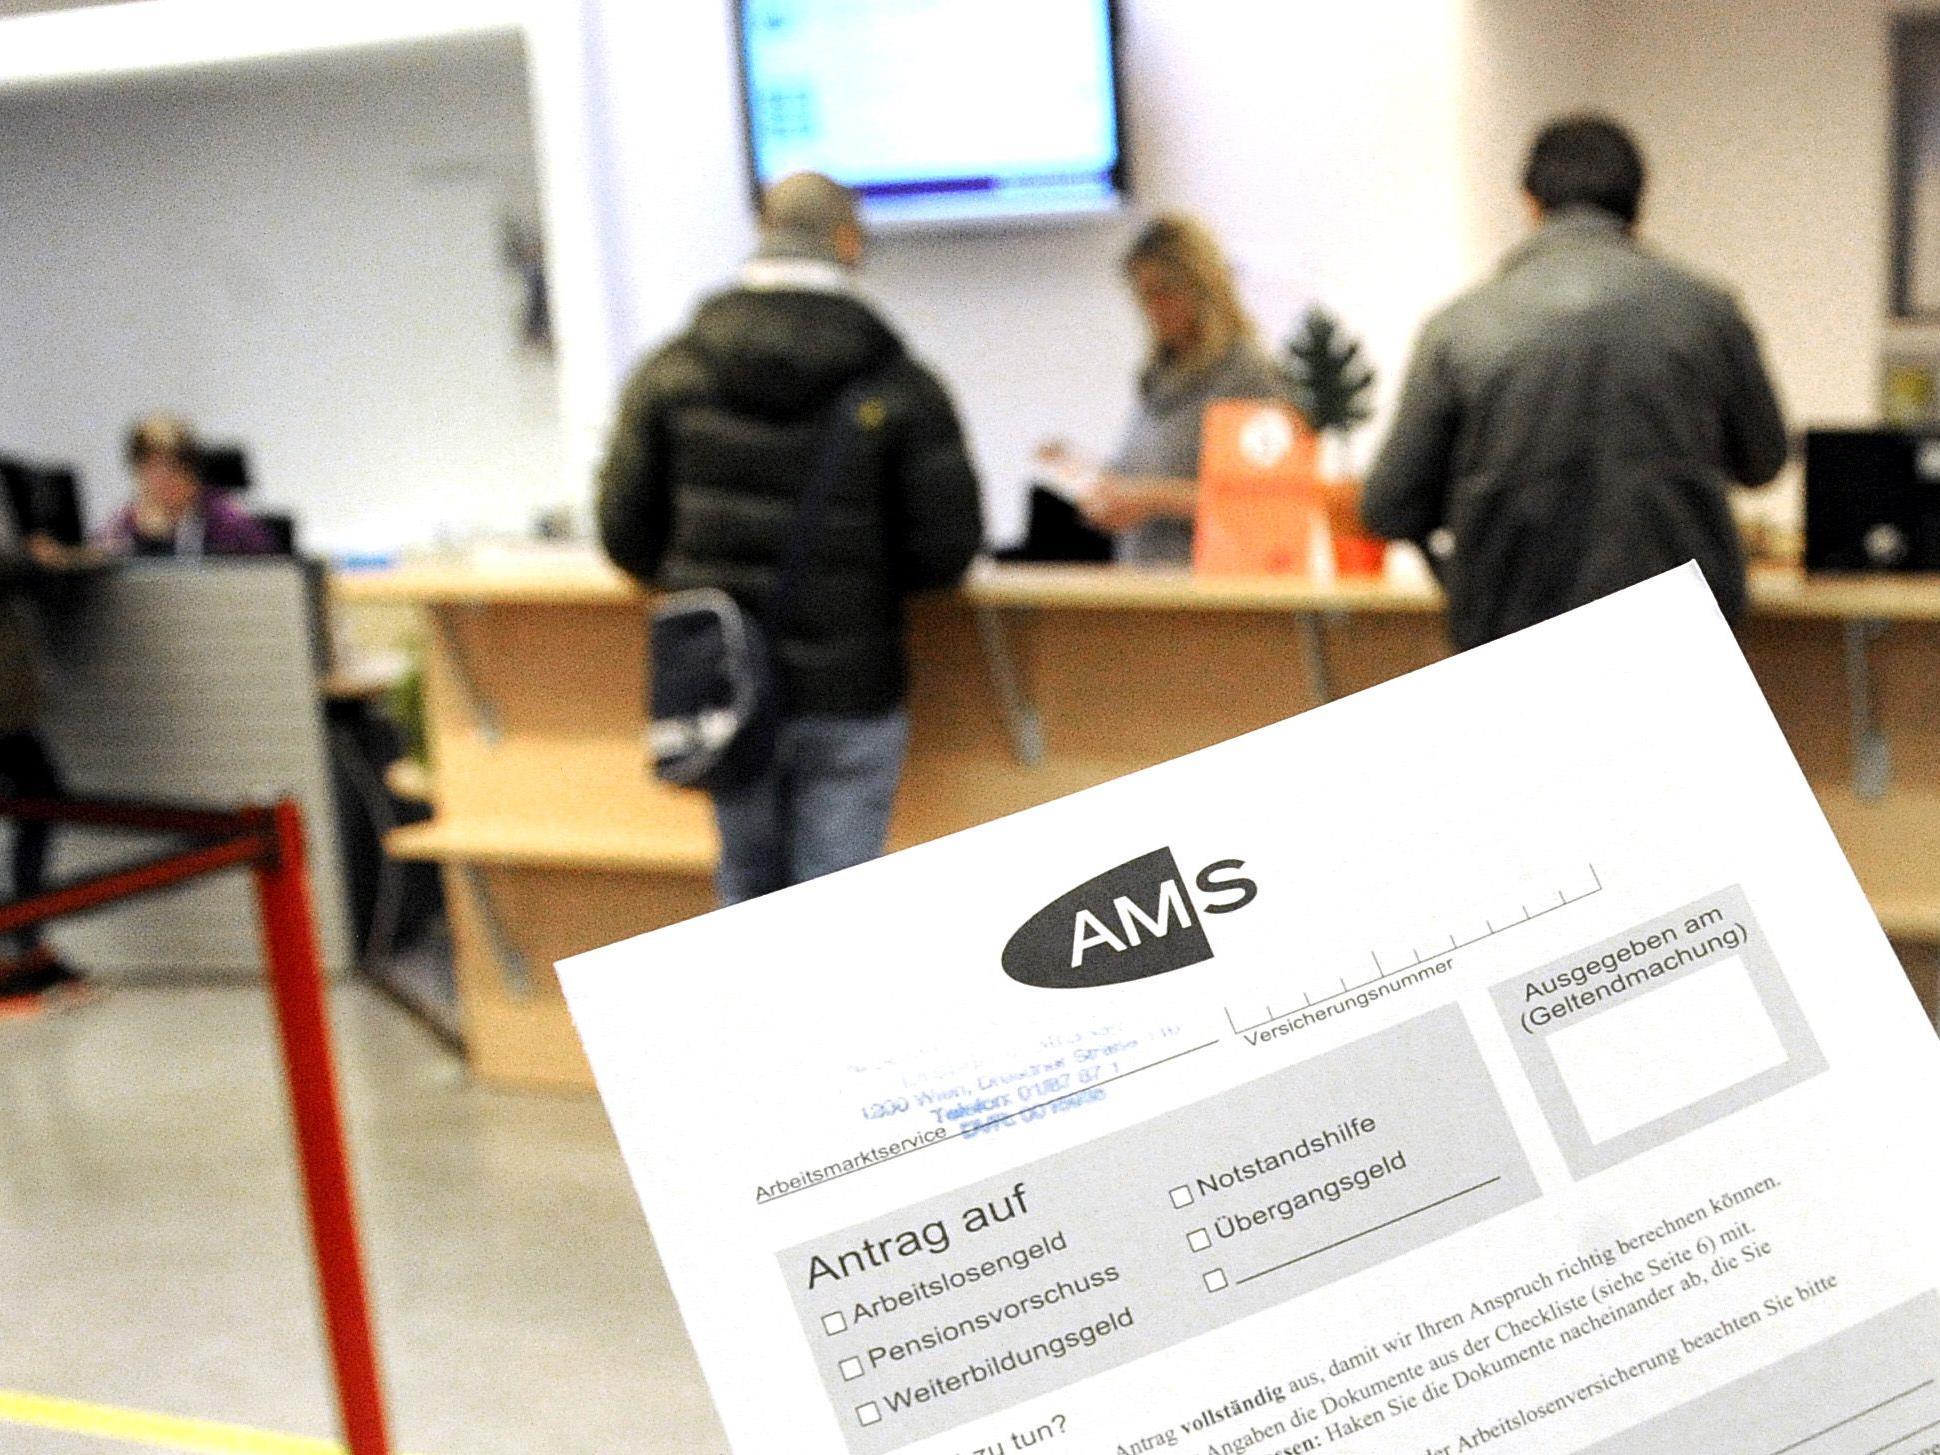 Die Zahl der vorgemerkten Arbeitslosen lag in Vorarlberg weiterhin unter dem Niveau des Vorjahres.